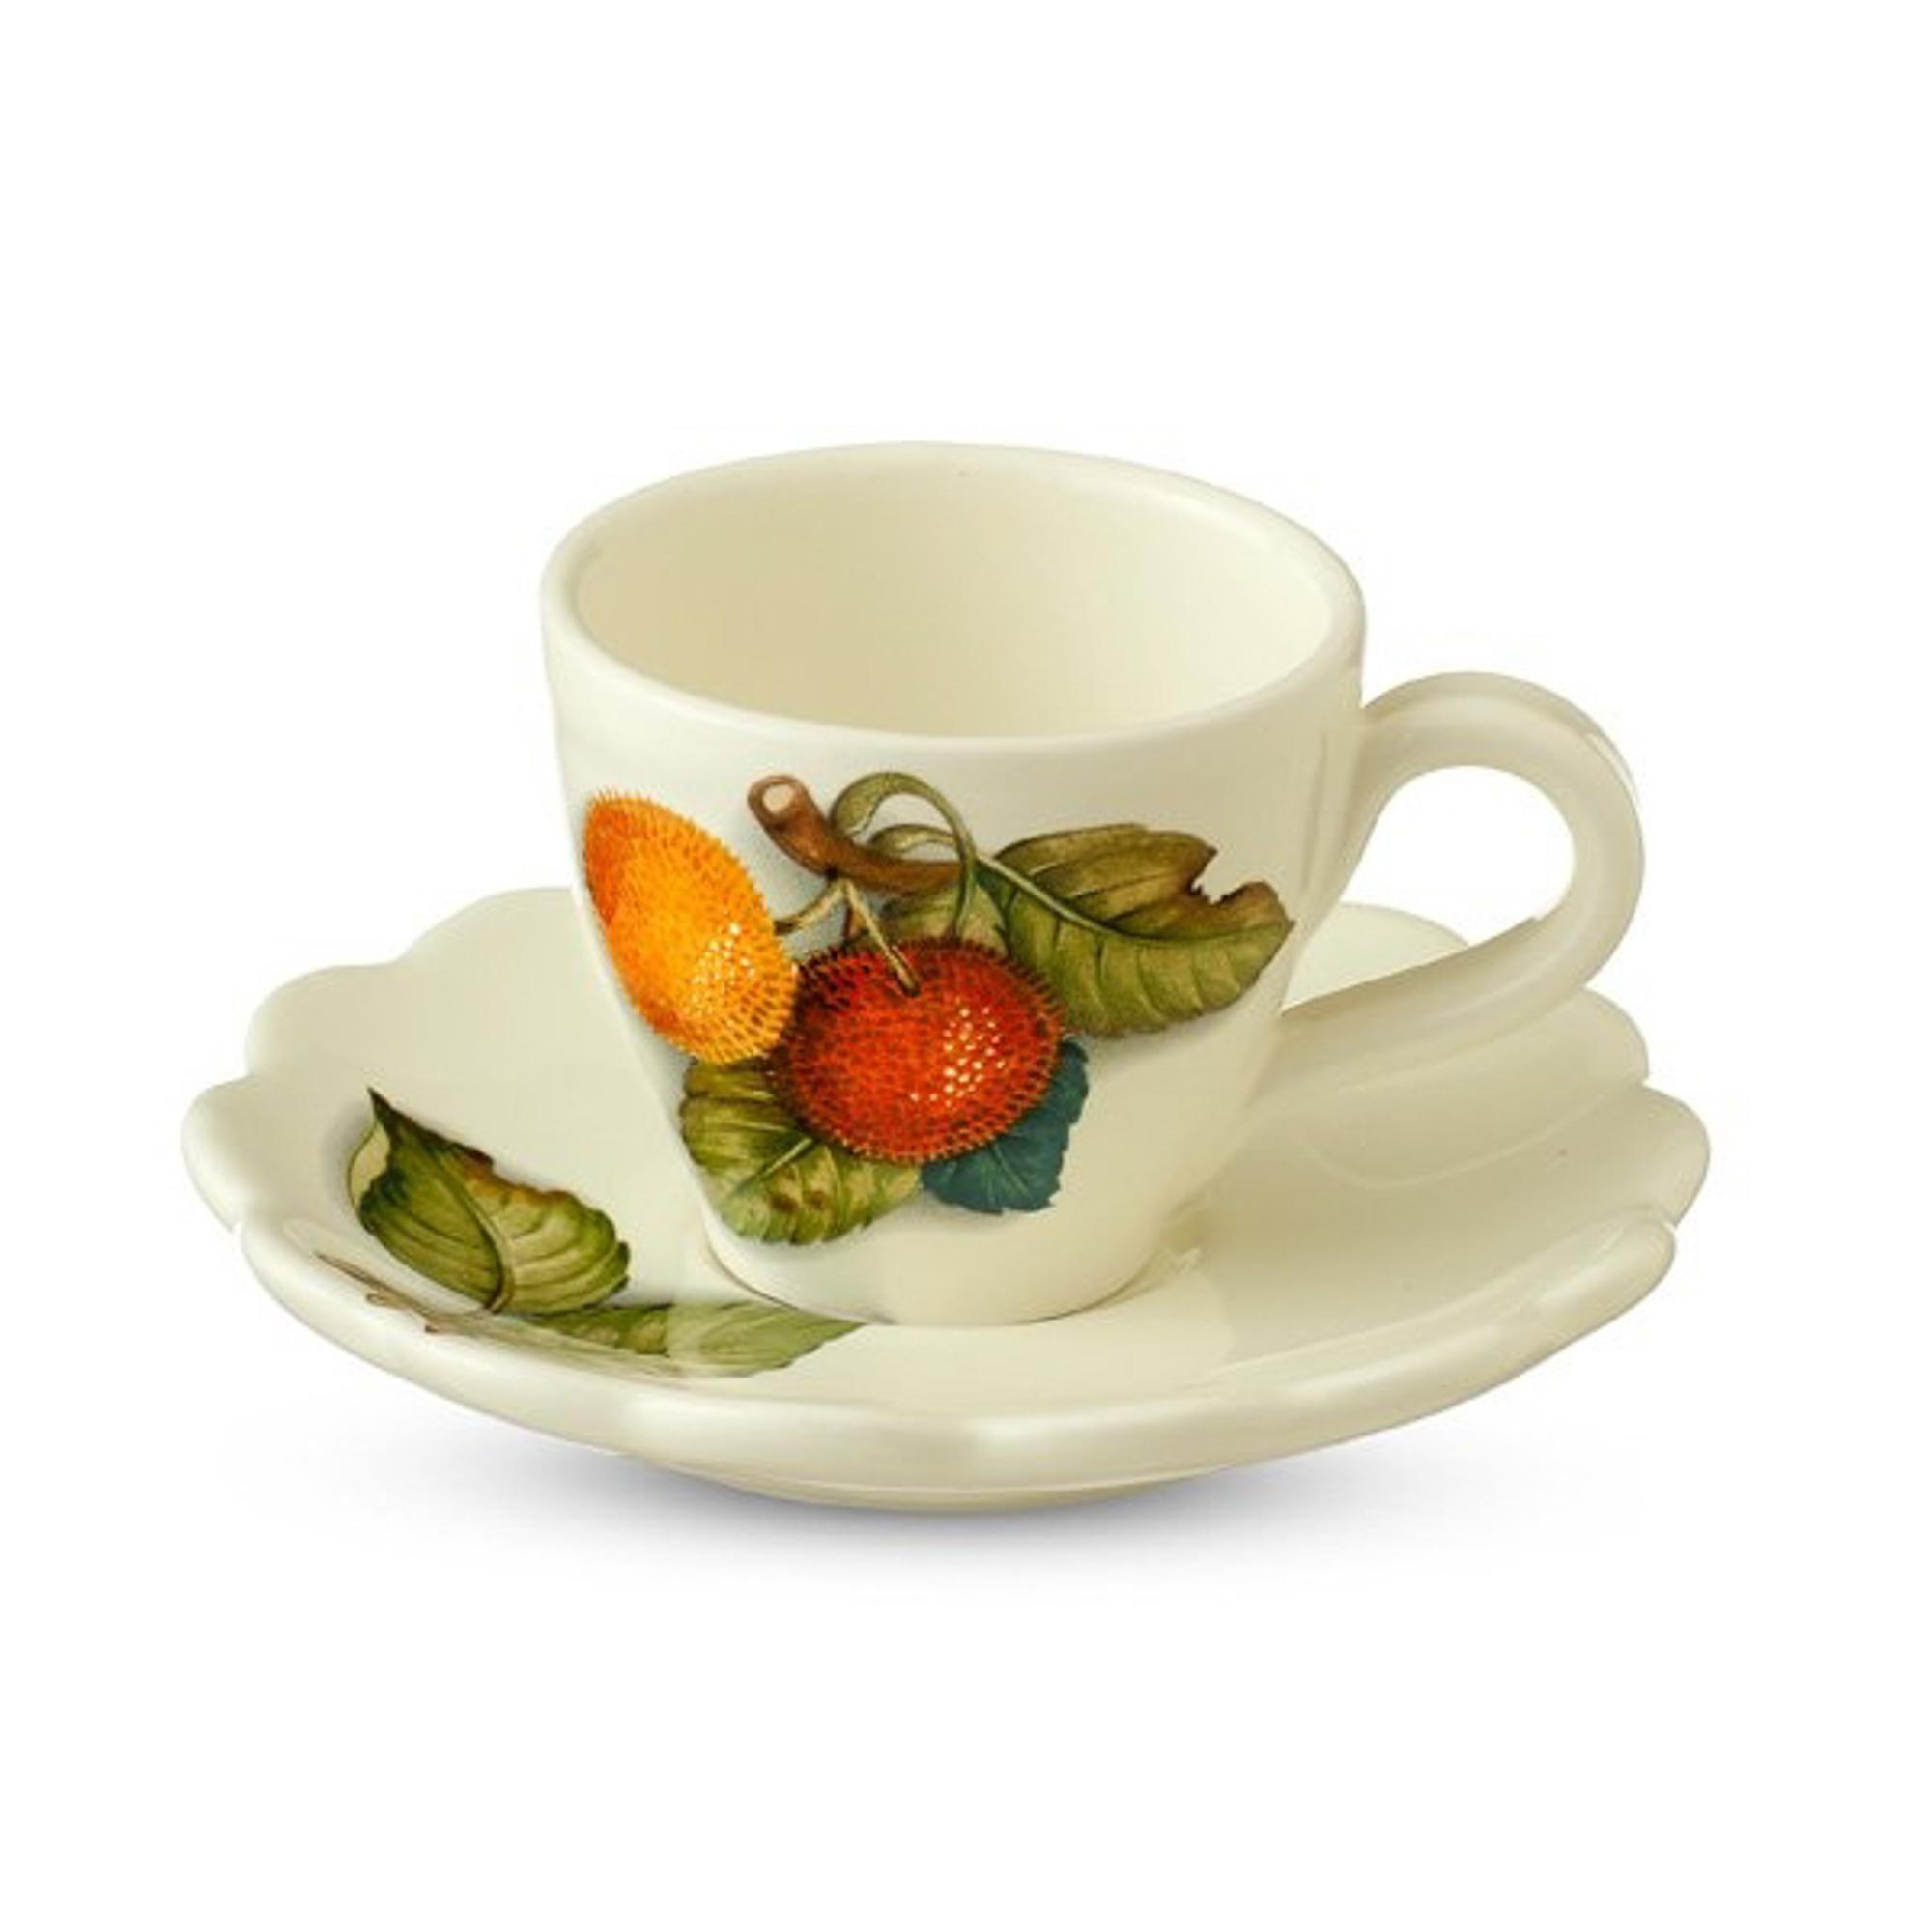 Чашка чайная с блюдцем итальянск фрукты Nuova cer s n c